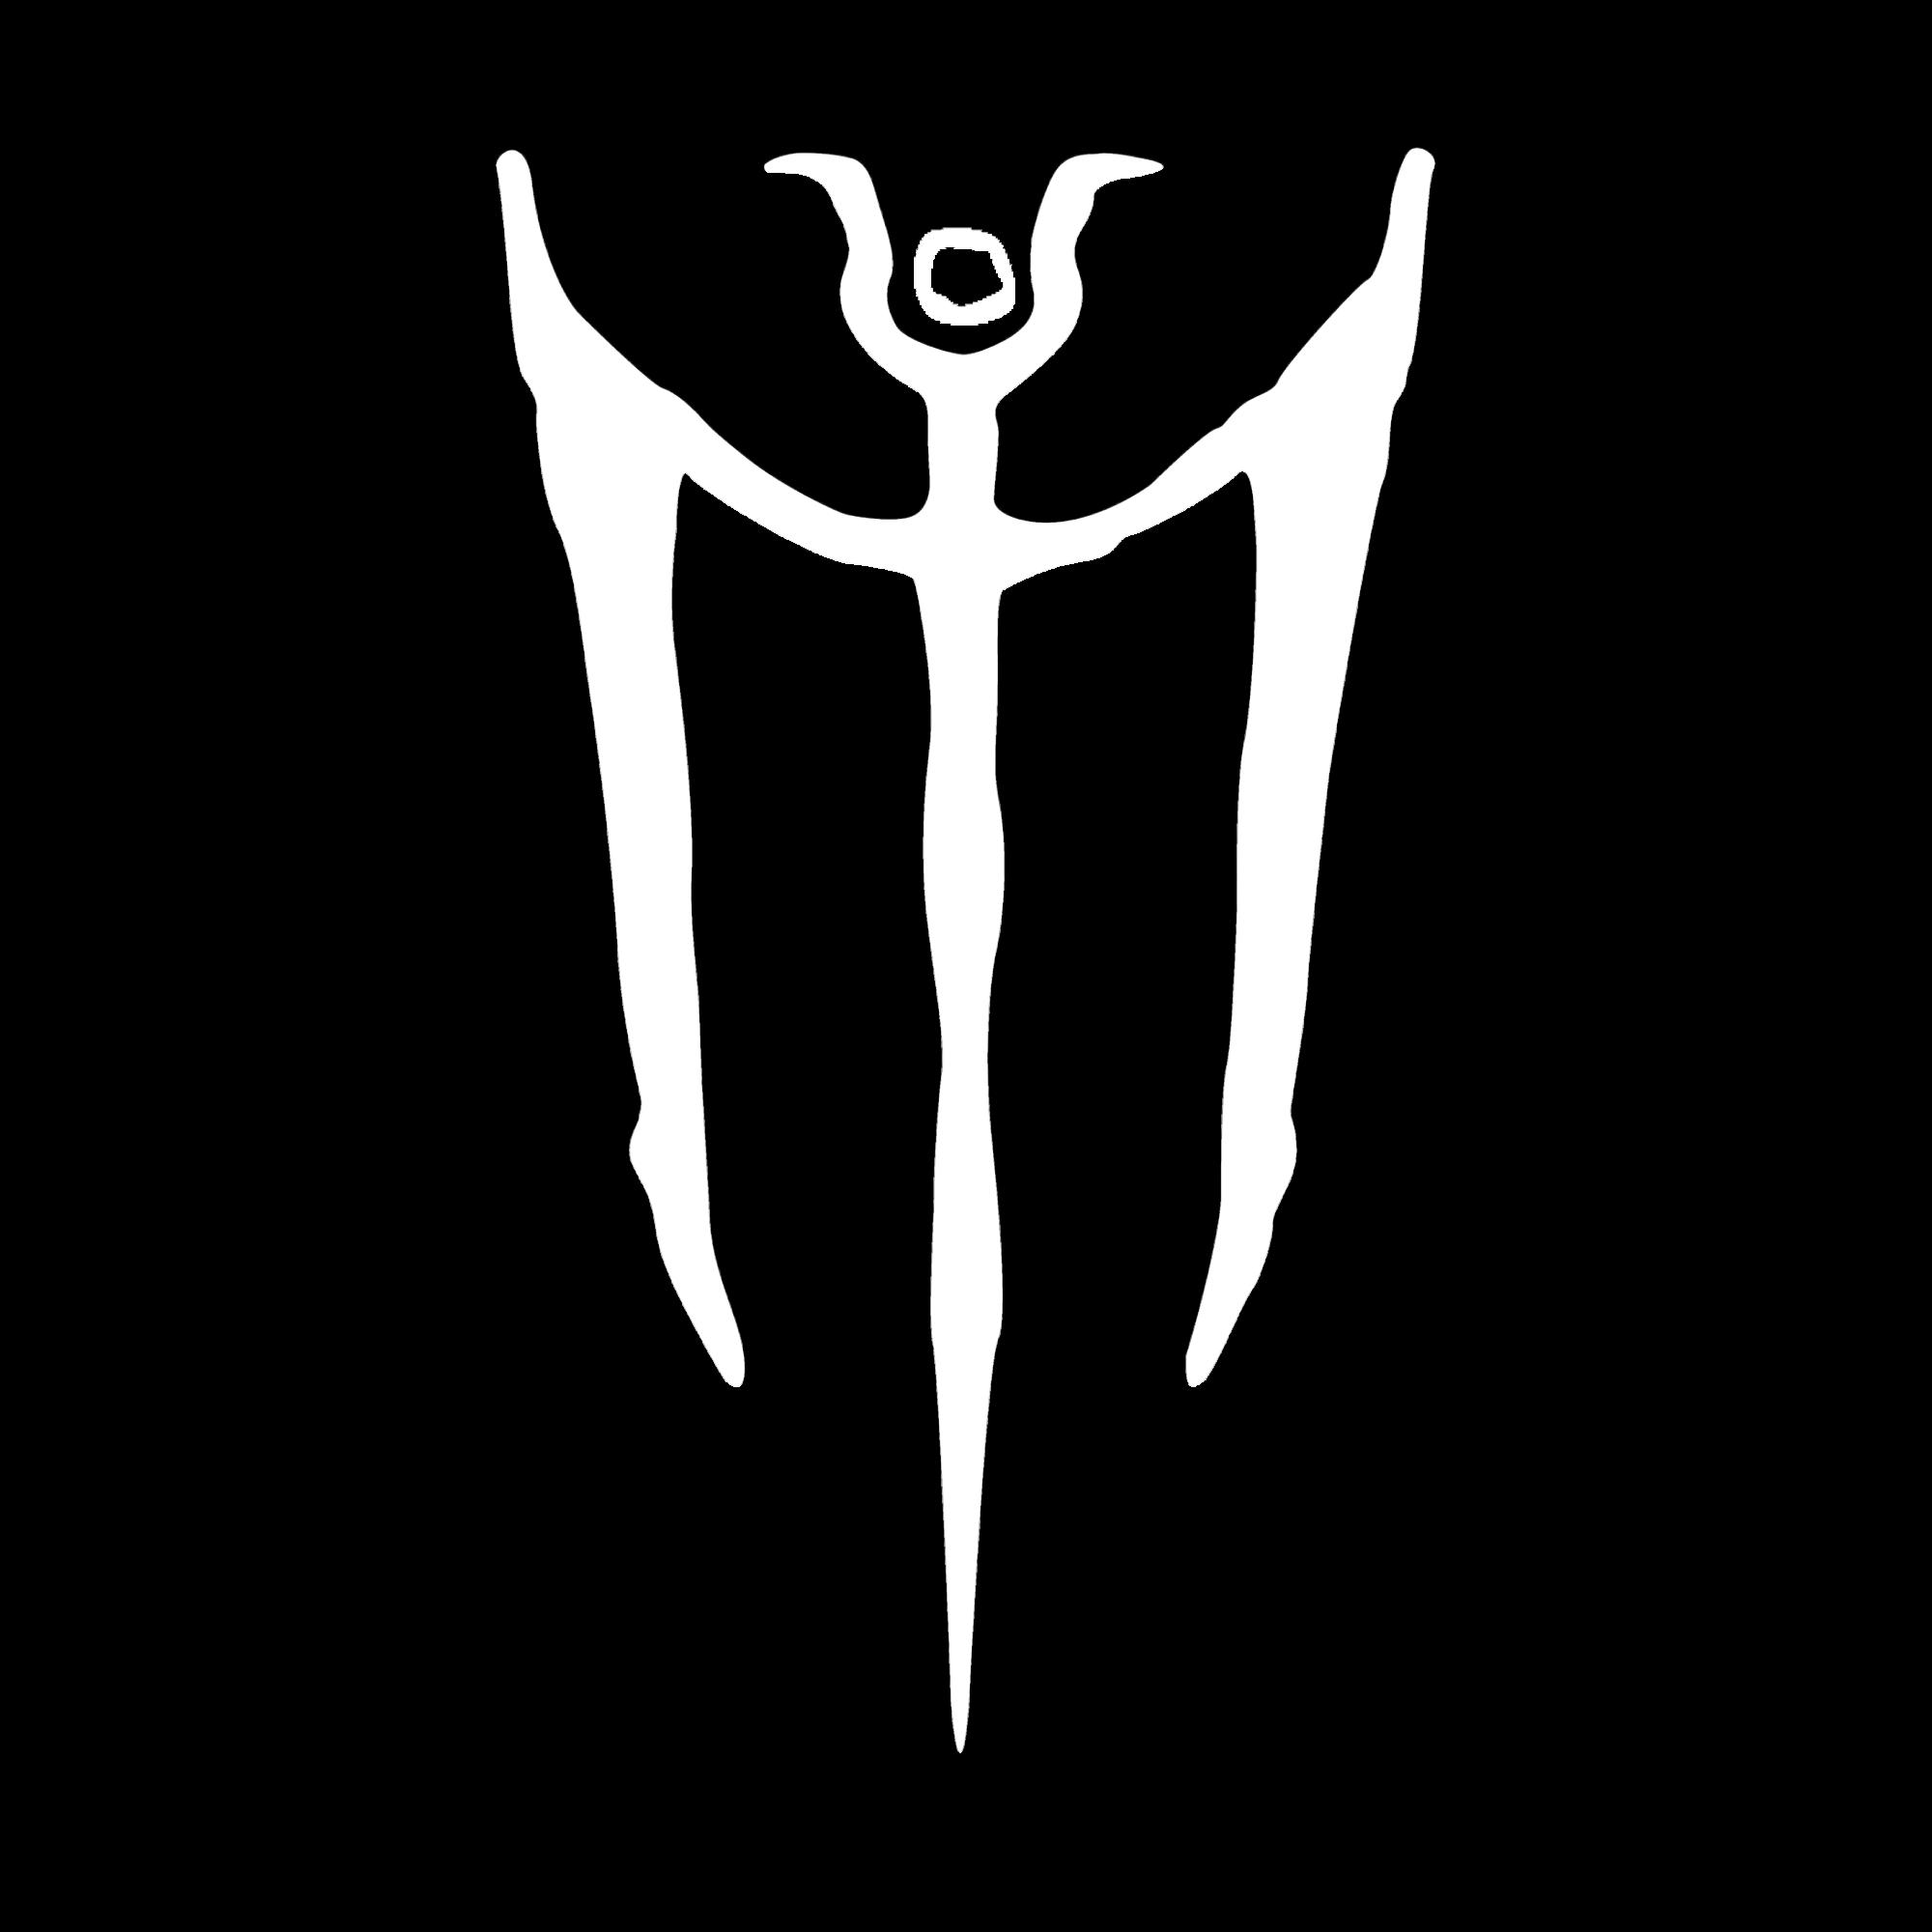 kyterion_tripod